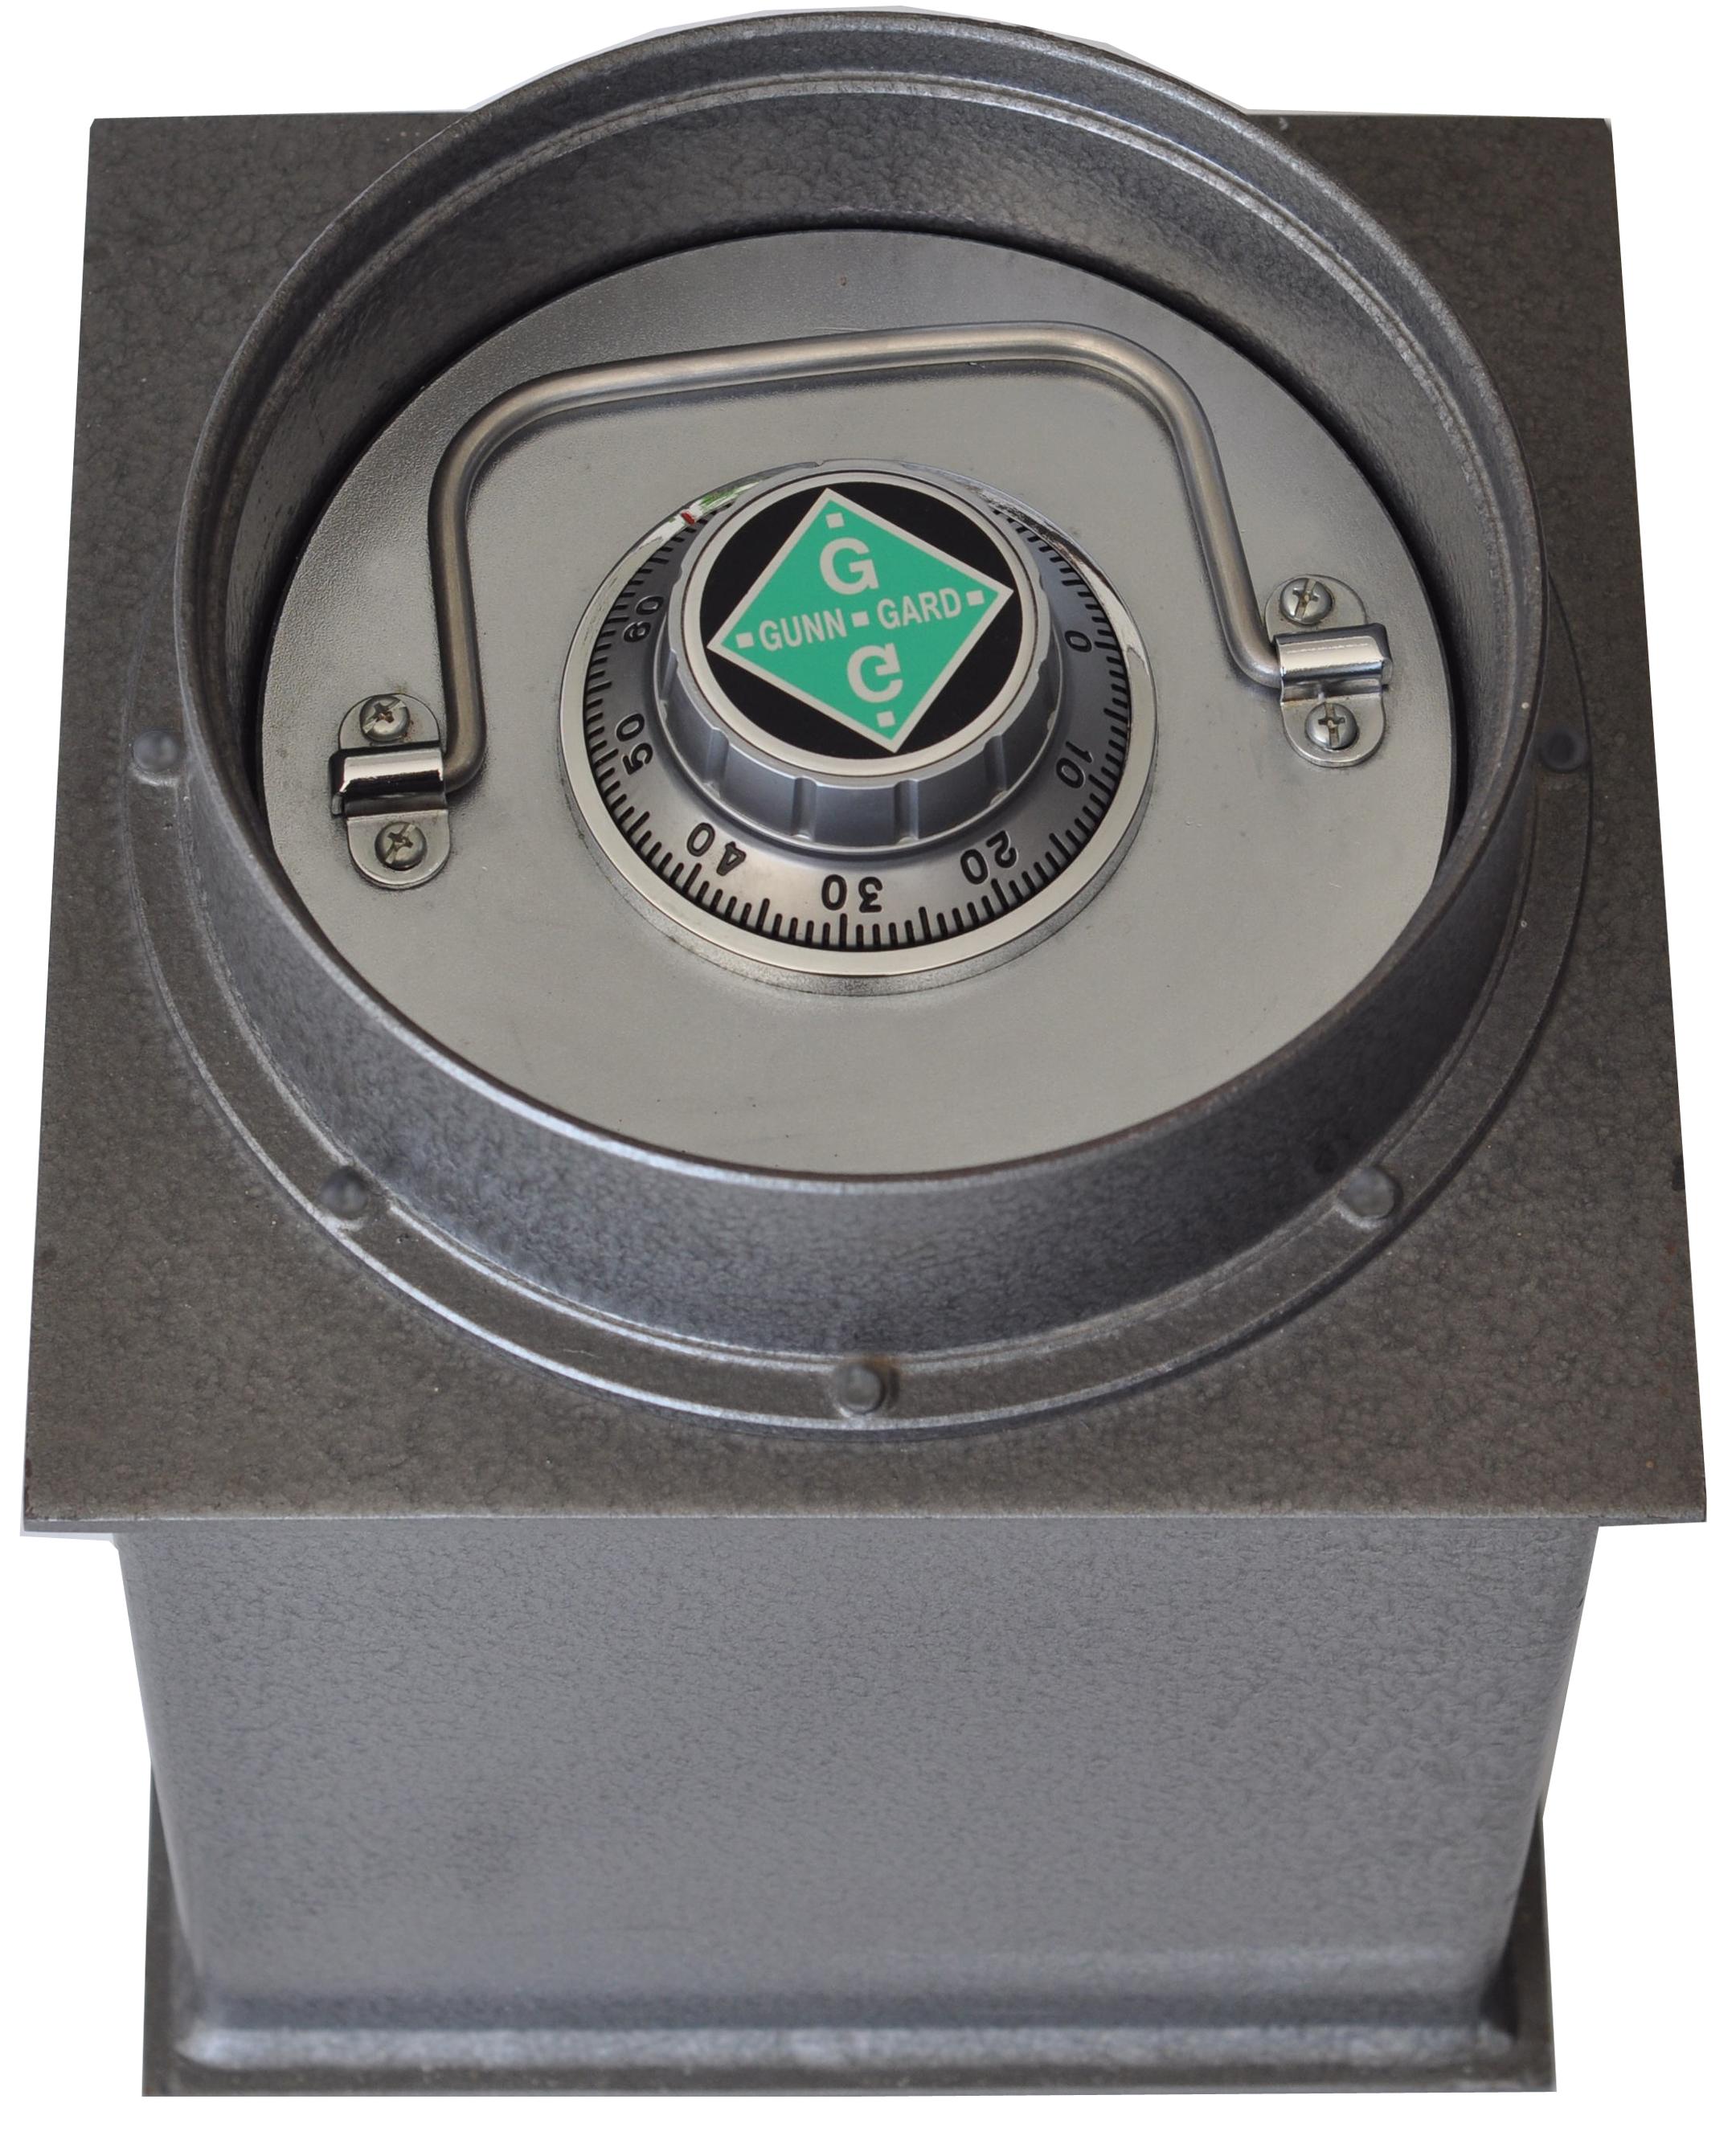 GB-30FRD